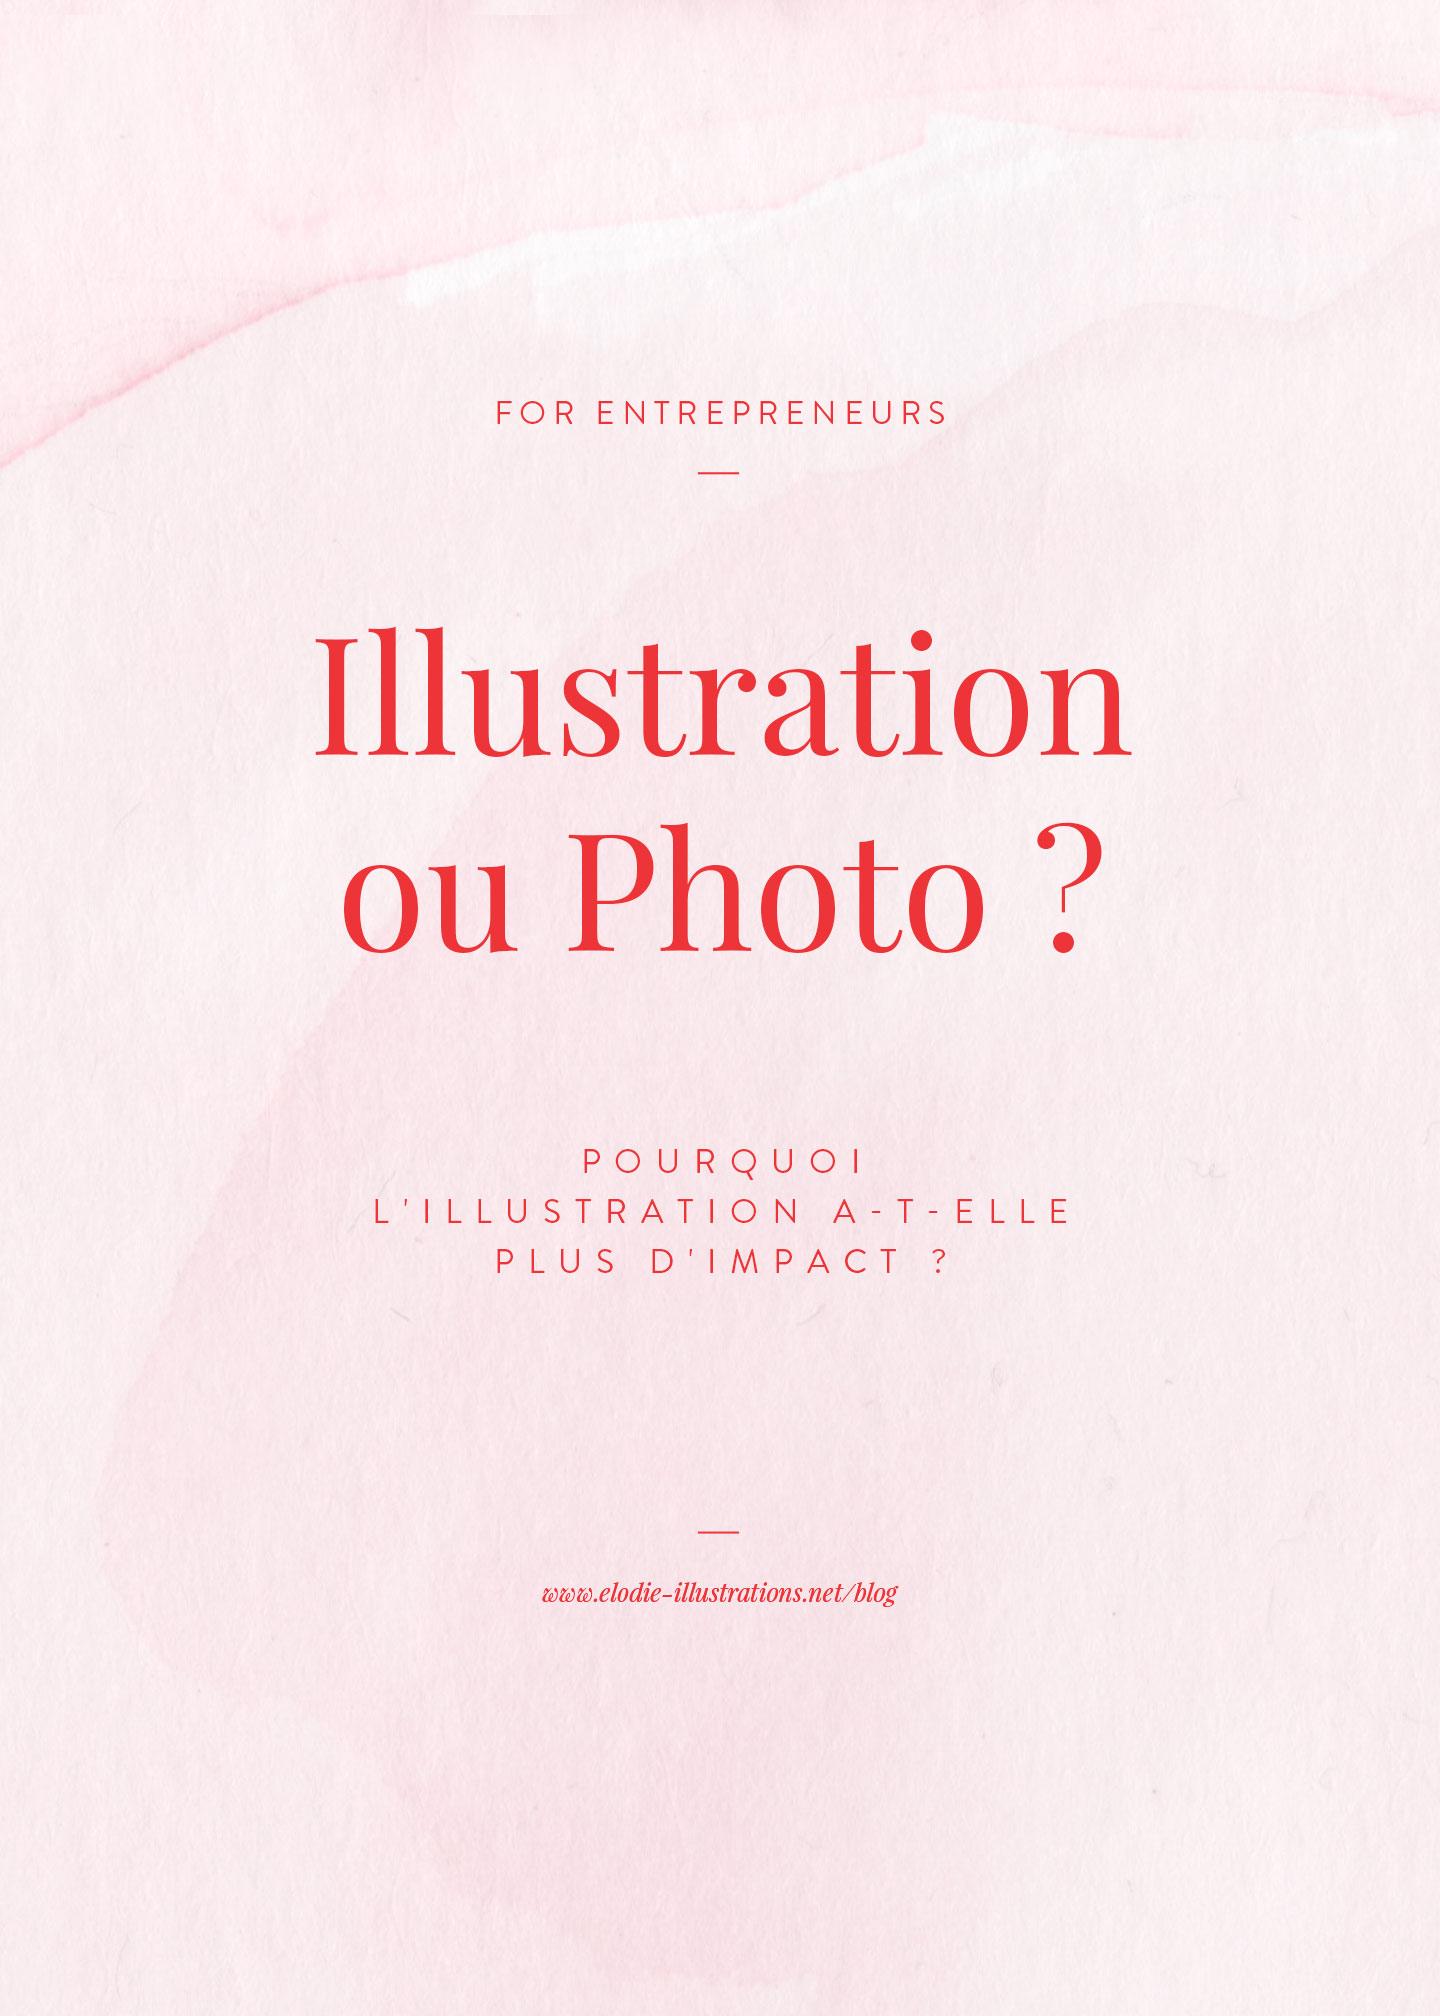 Illustration ou Photo : Pourquoi l'illustration a plus d'impact ? - Cliquez pour découvrir l'article